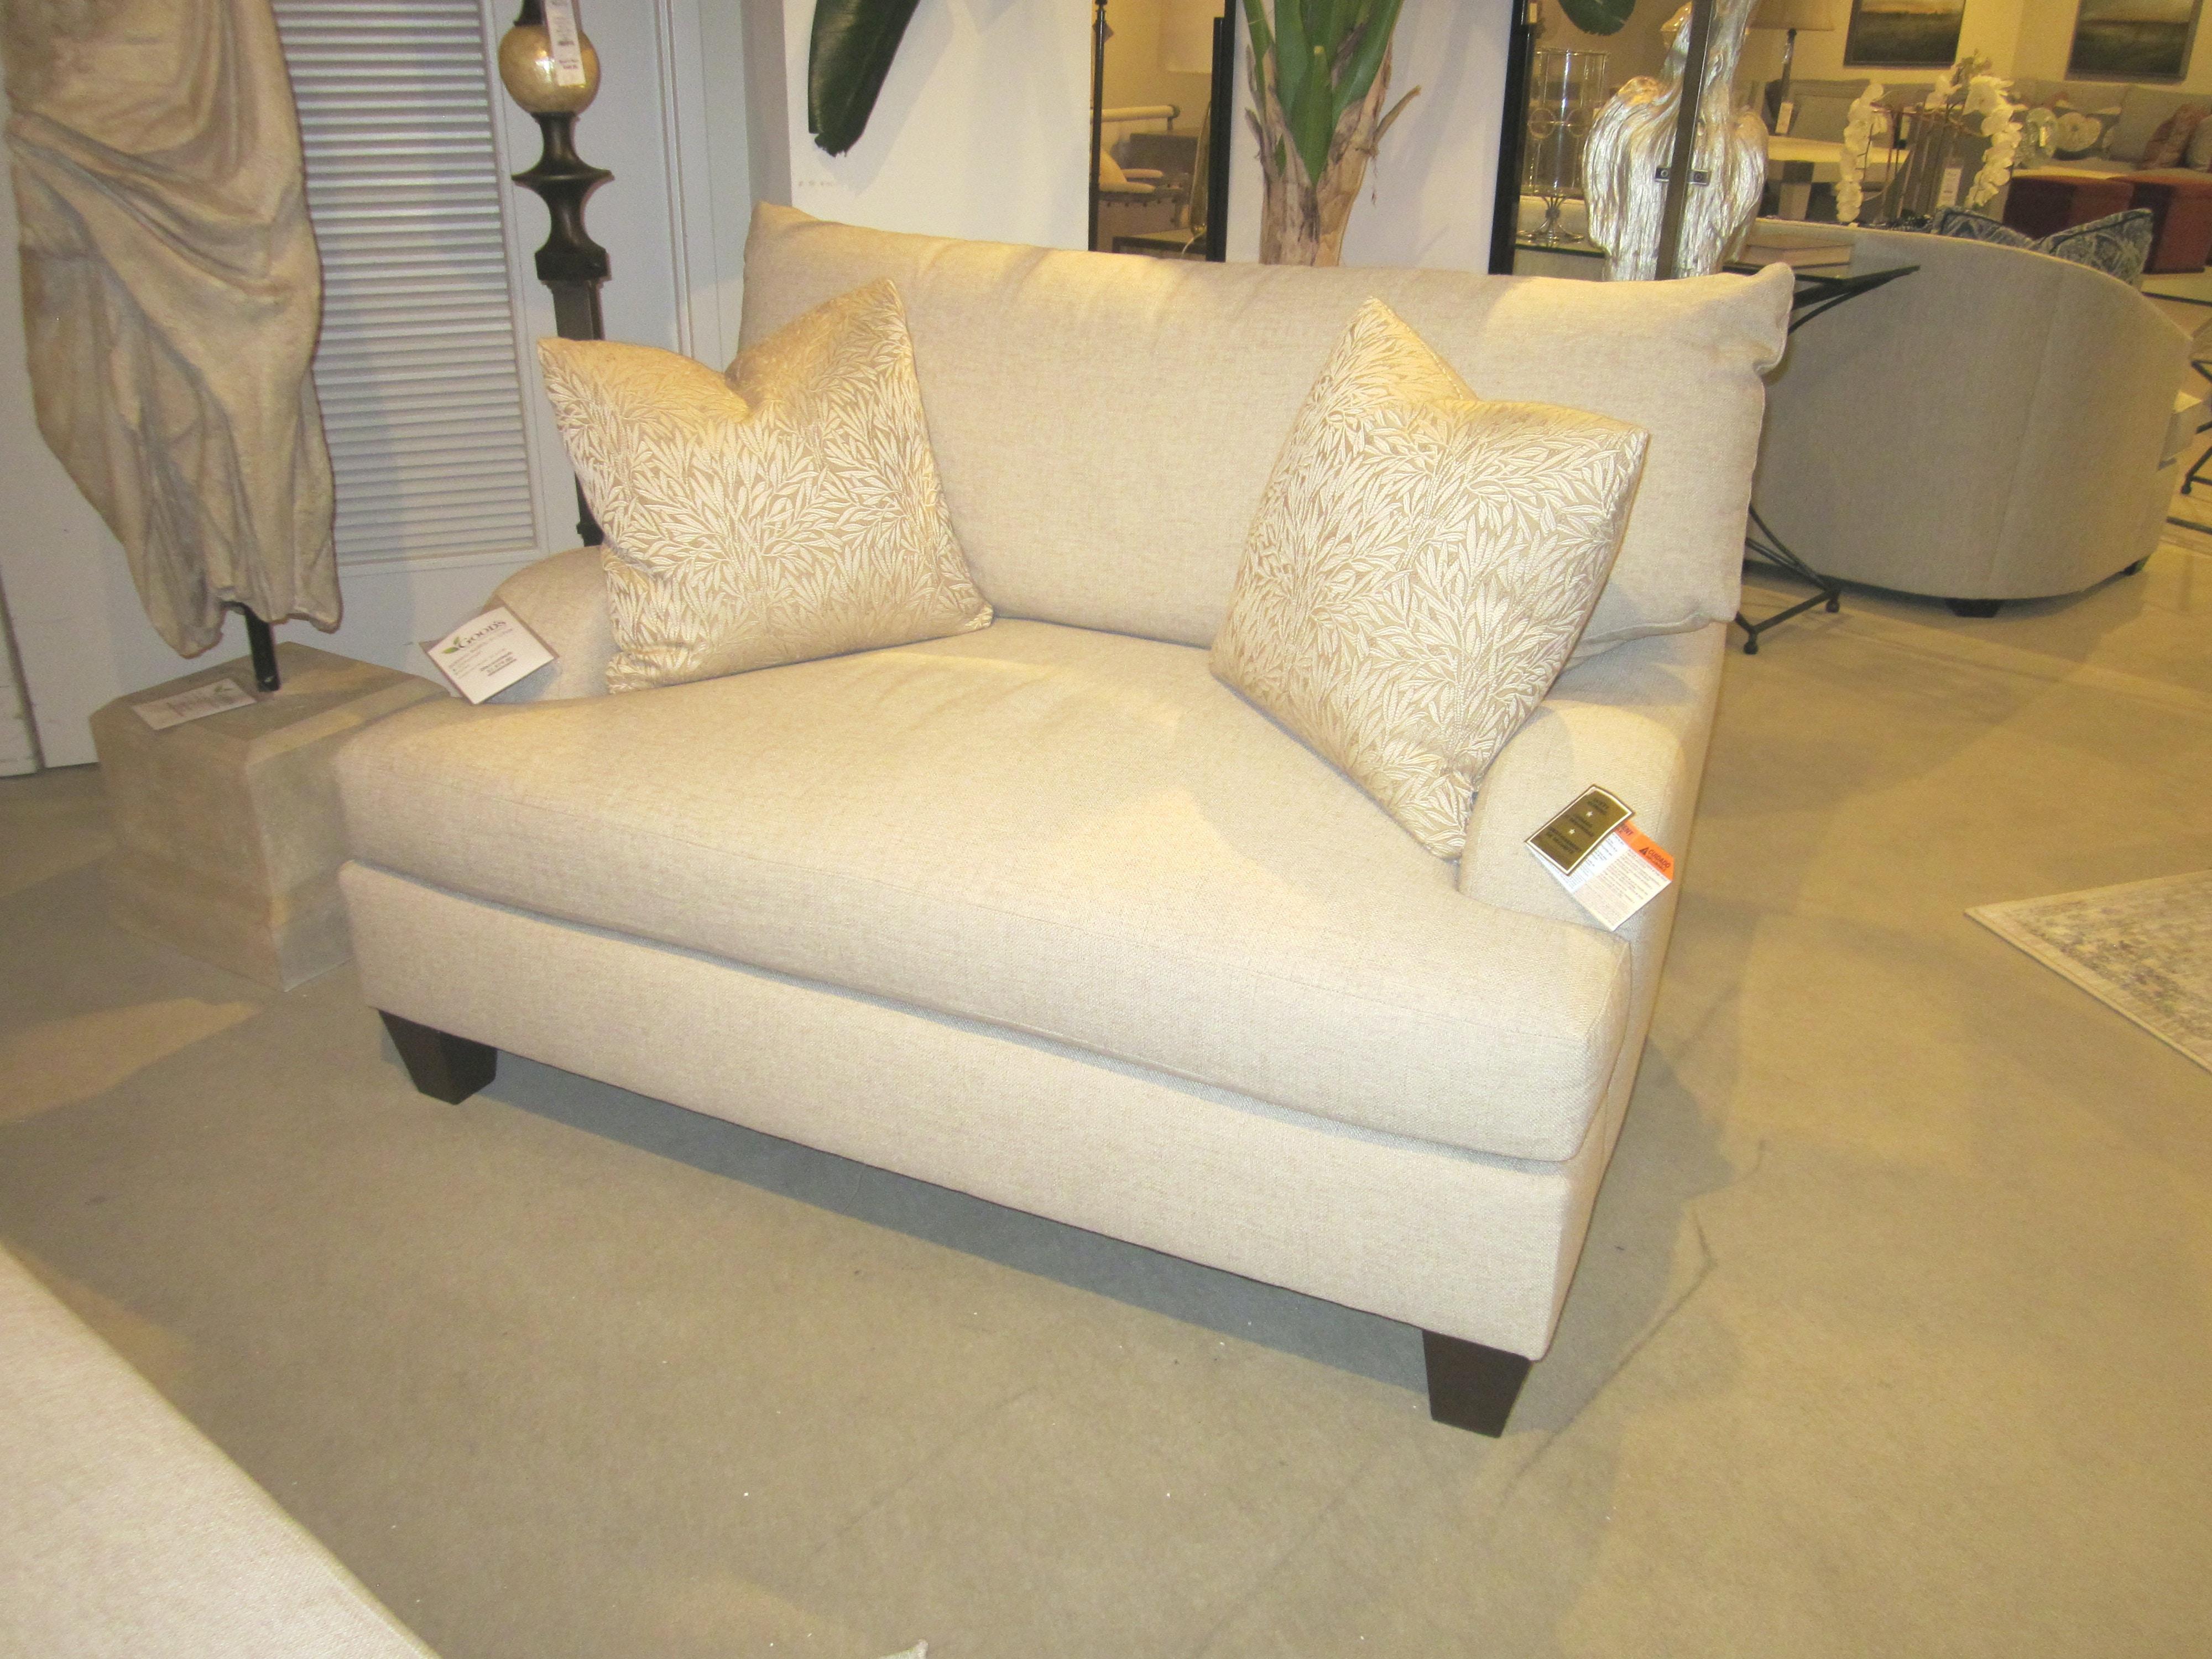 Genial Bernhardt Furniture Brooke Chair And Halfu003cBRu003eu003cBRu003e* FLOOR SAMPLE